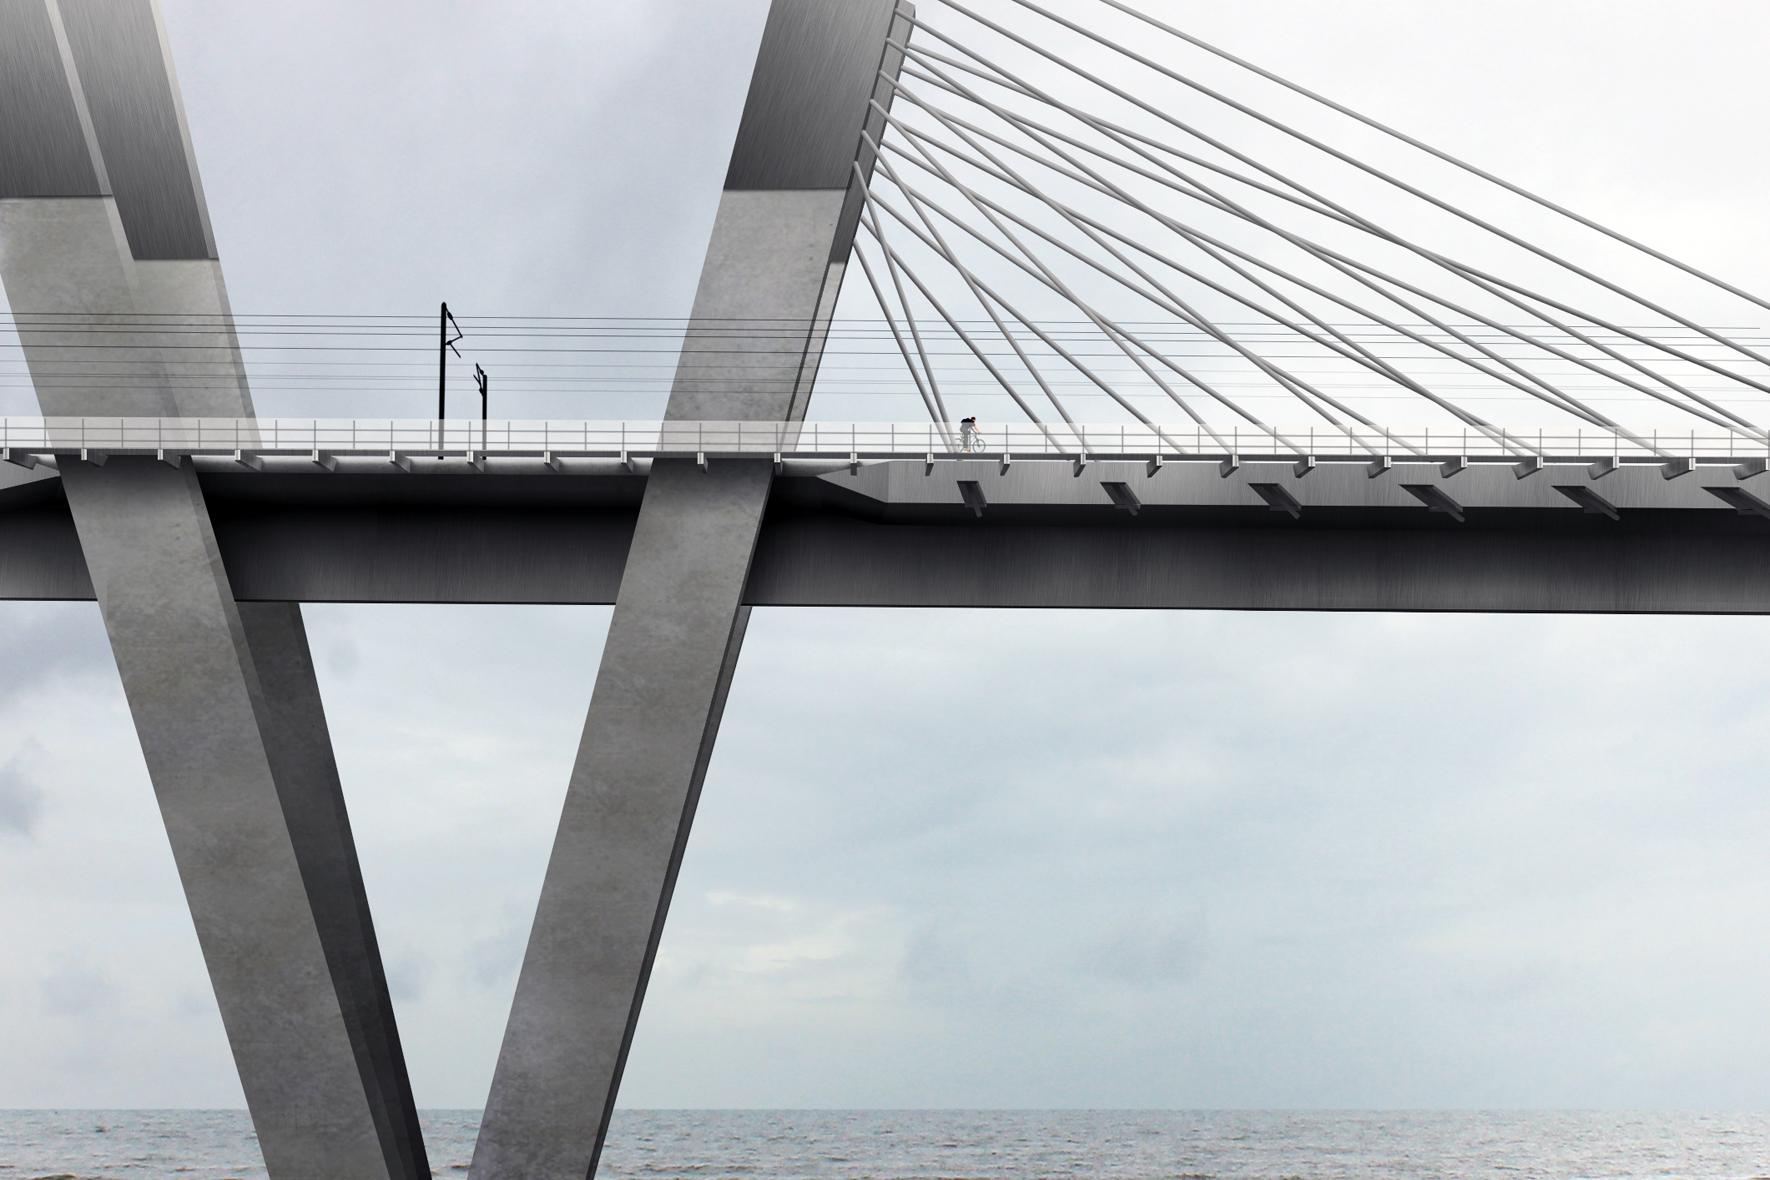 Vejle Fjord Rail Link